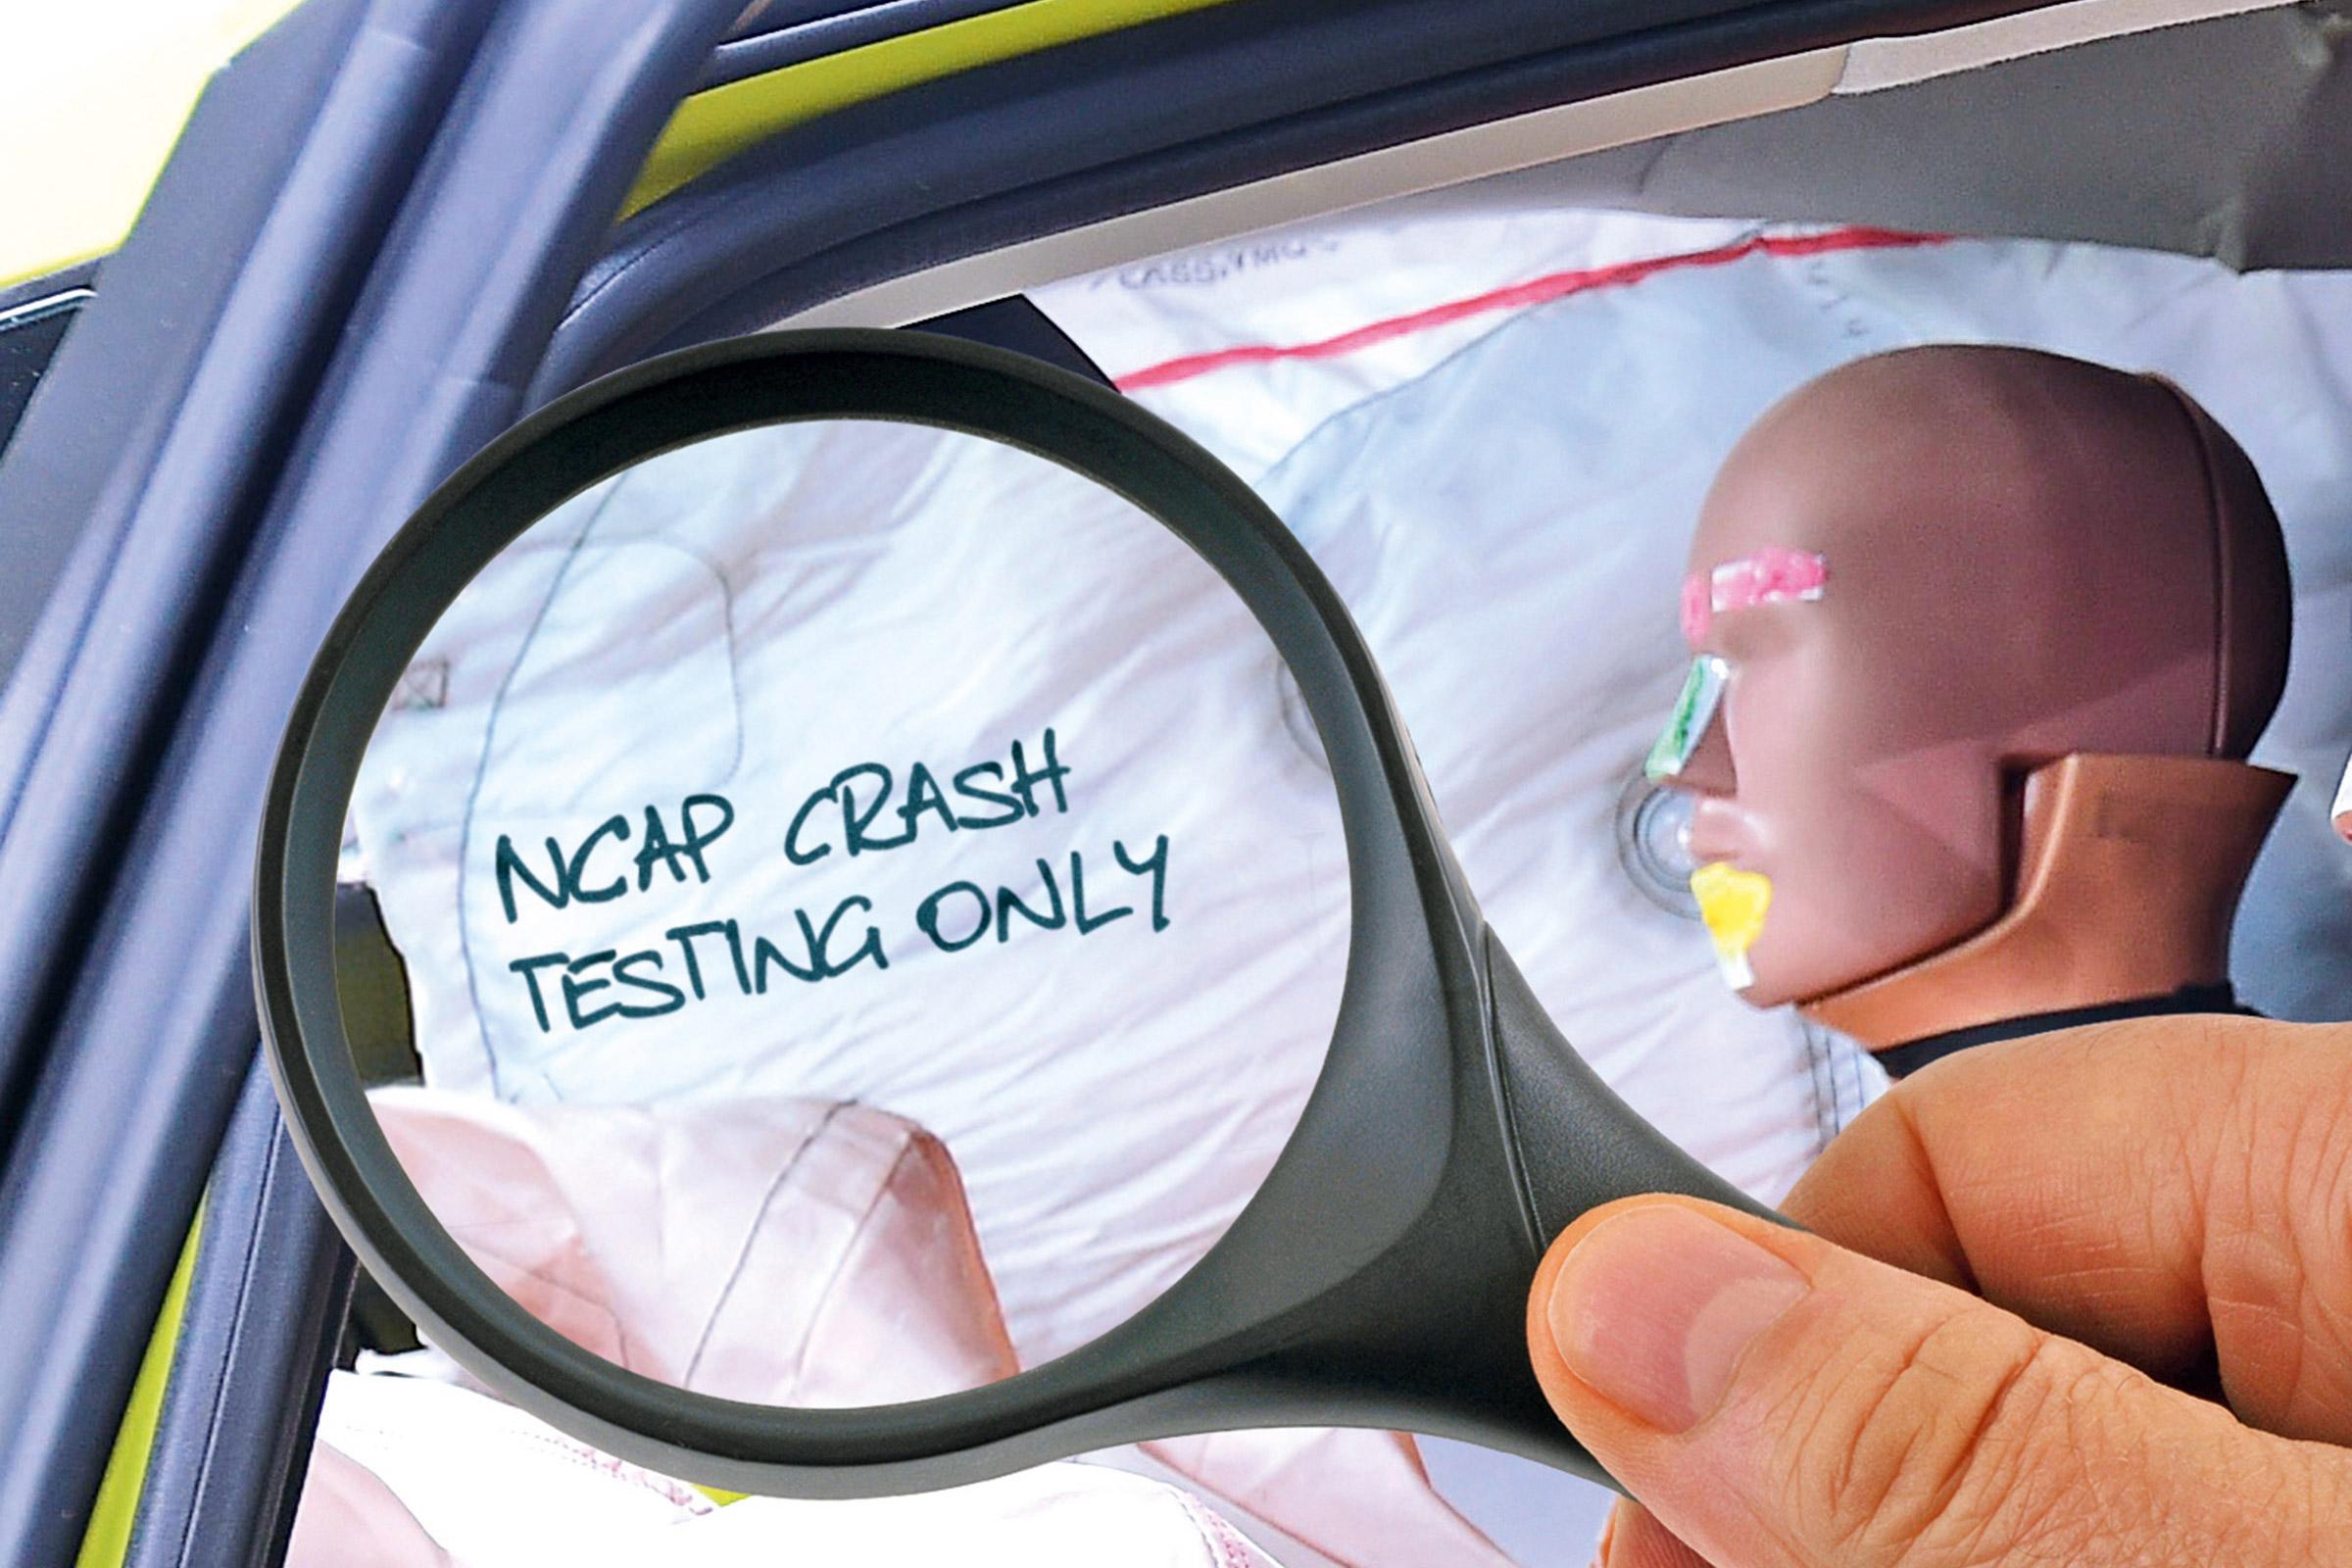 В машинах для краш-тестов обнаружили детали с подозрительными метками «Euro NCAP only»